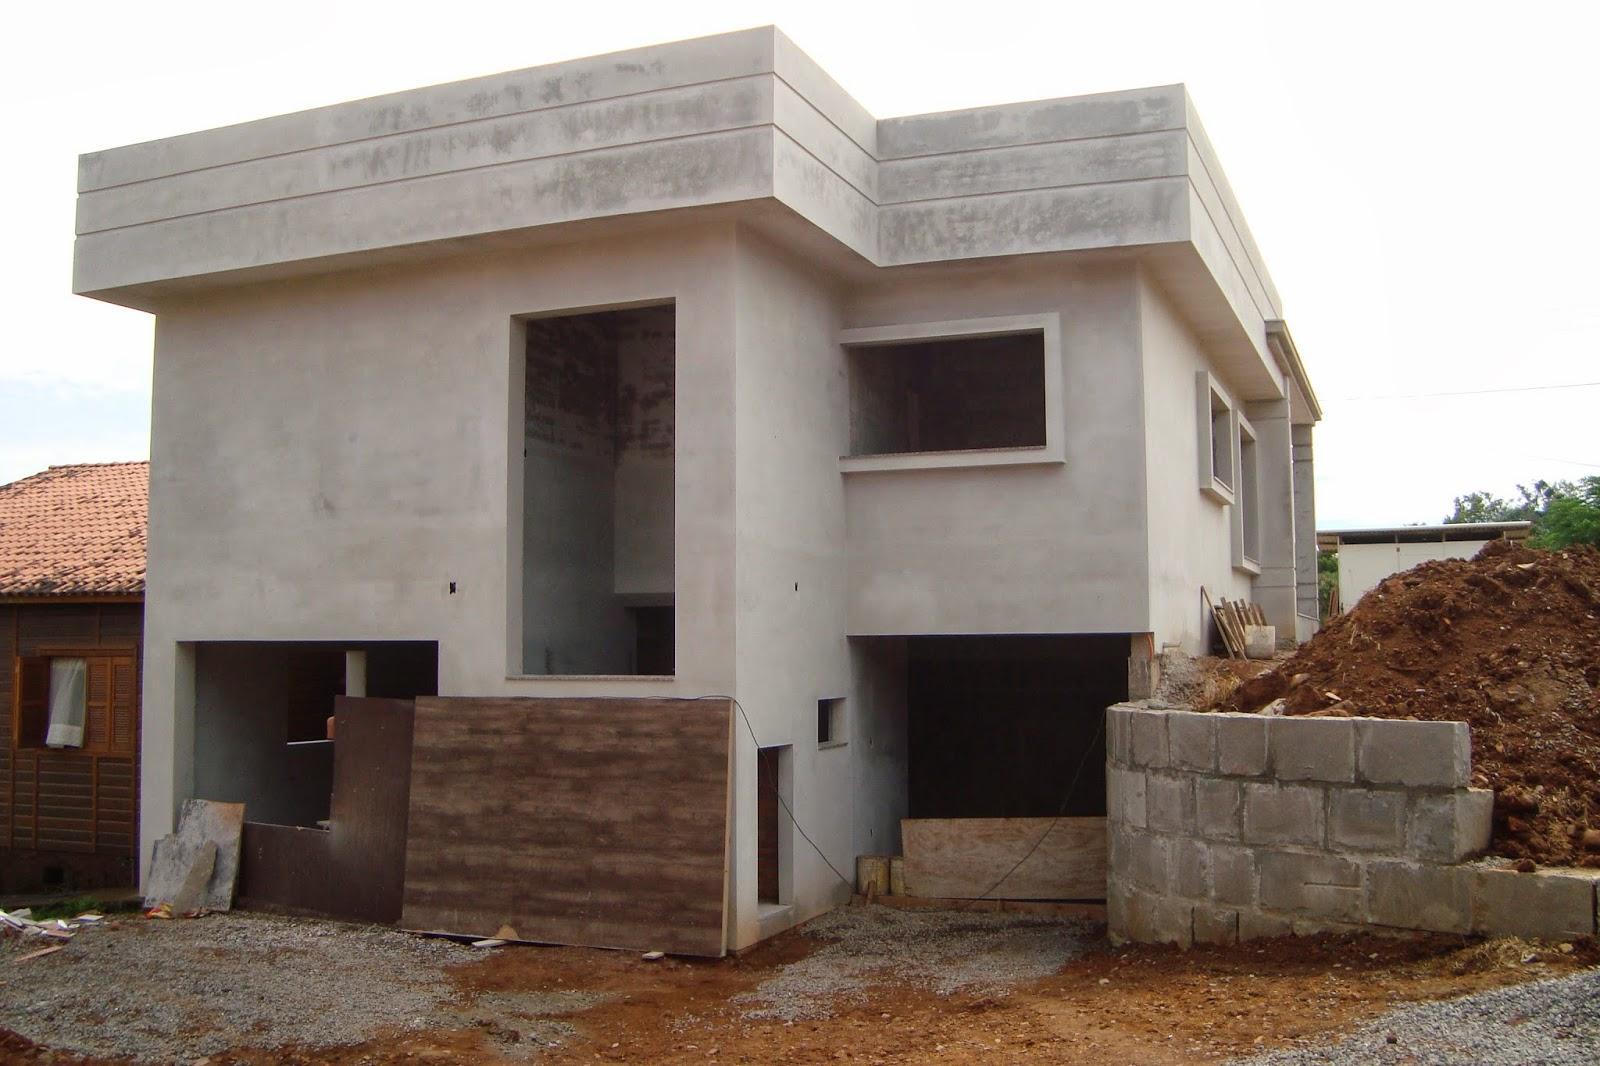 Casa da Claudia: Atualizando a Obra Reboco Parte Interna Finalizado #634733 1600x1066 Banheiro Com Janela Interna